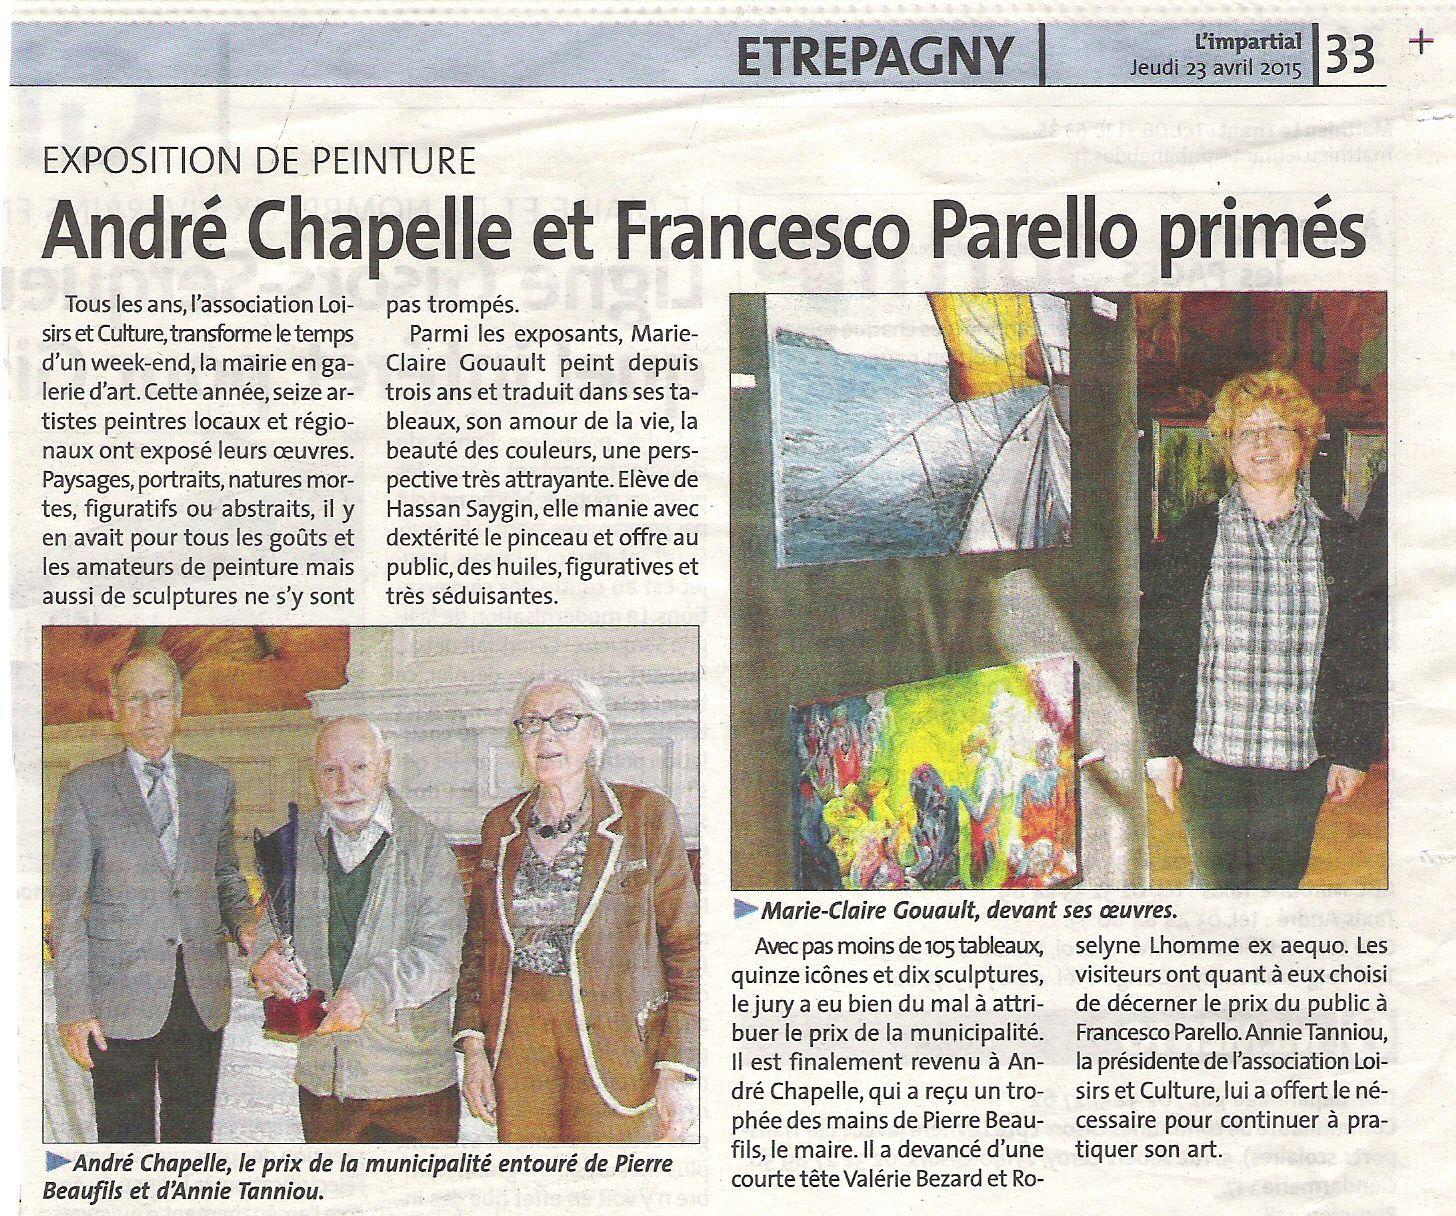 PREMIERE EXPOSITION DE PEINTURE A ETREPAGNY